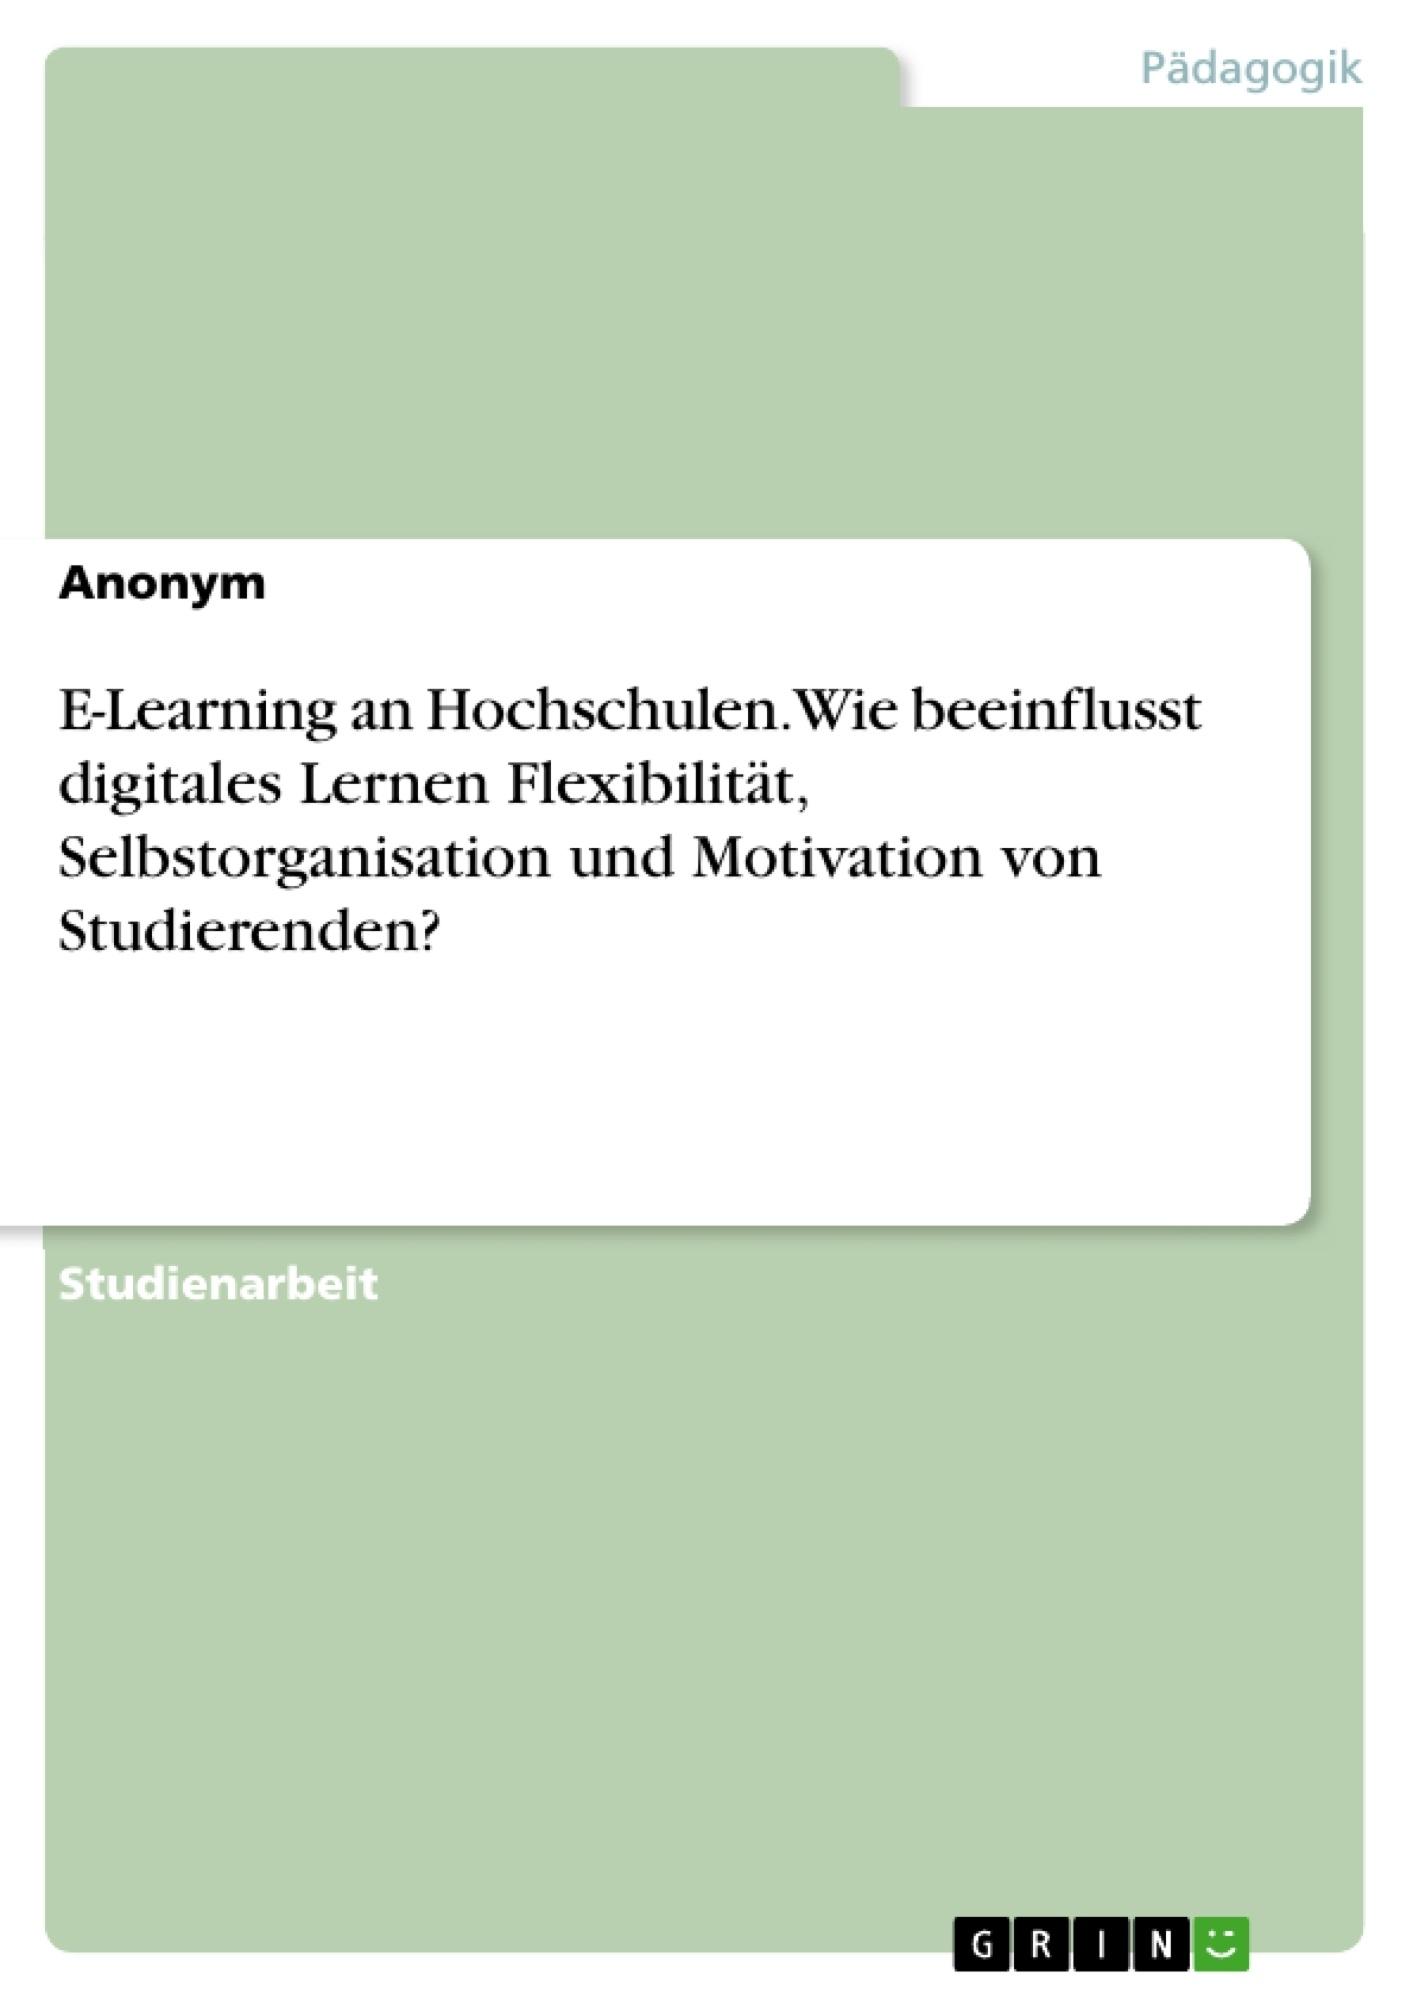 Titel: E-Learning an Hochschulen. Wie beeinflusst digitales Lernen Flexibilität, Selbstorganisation und Motivation von Studierenden?